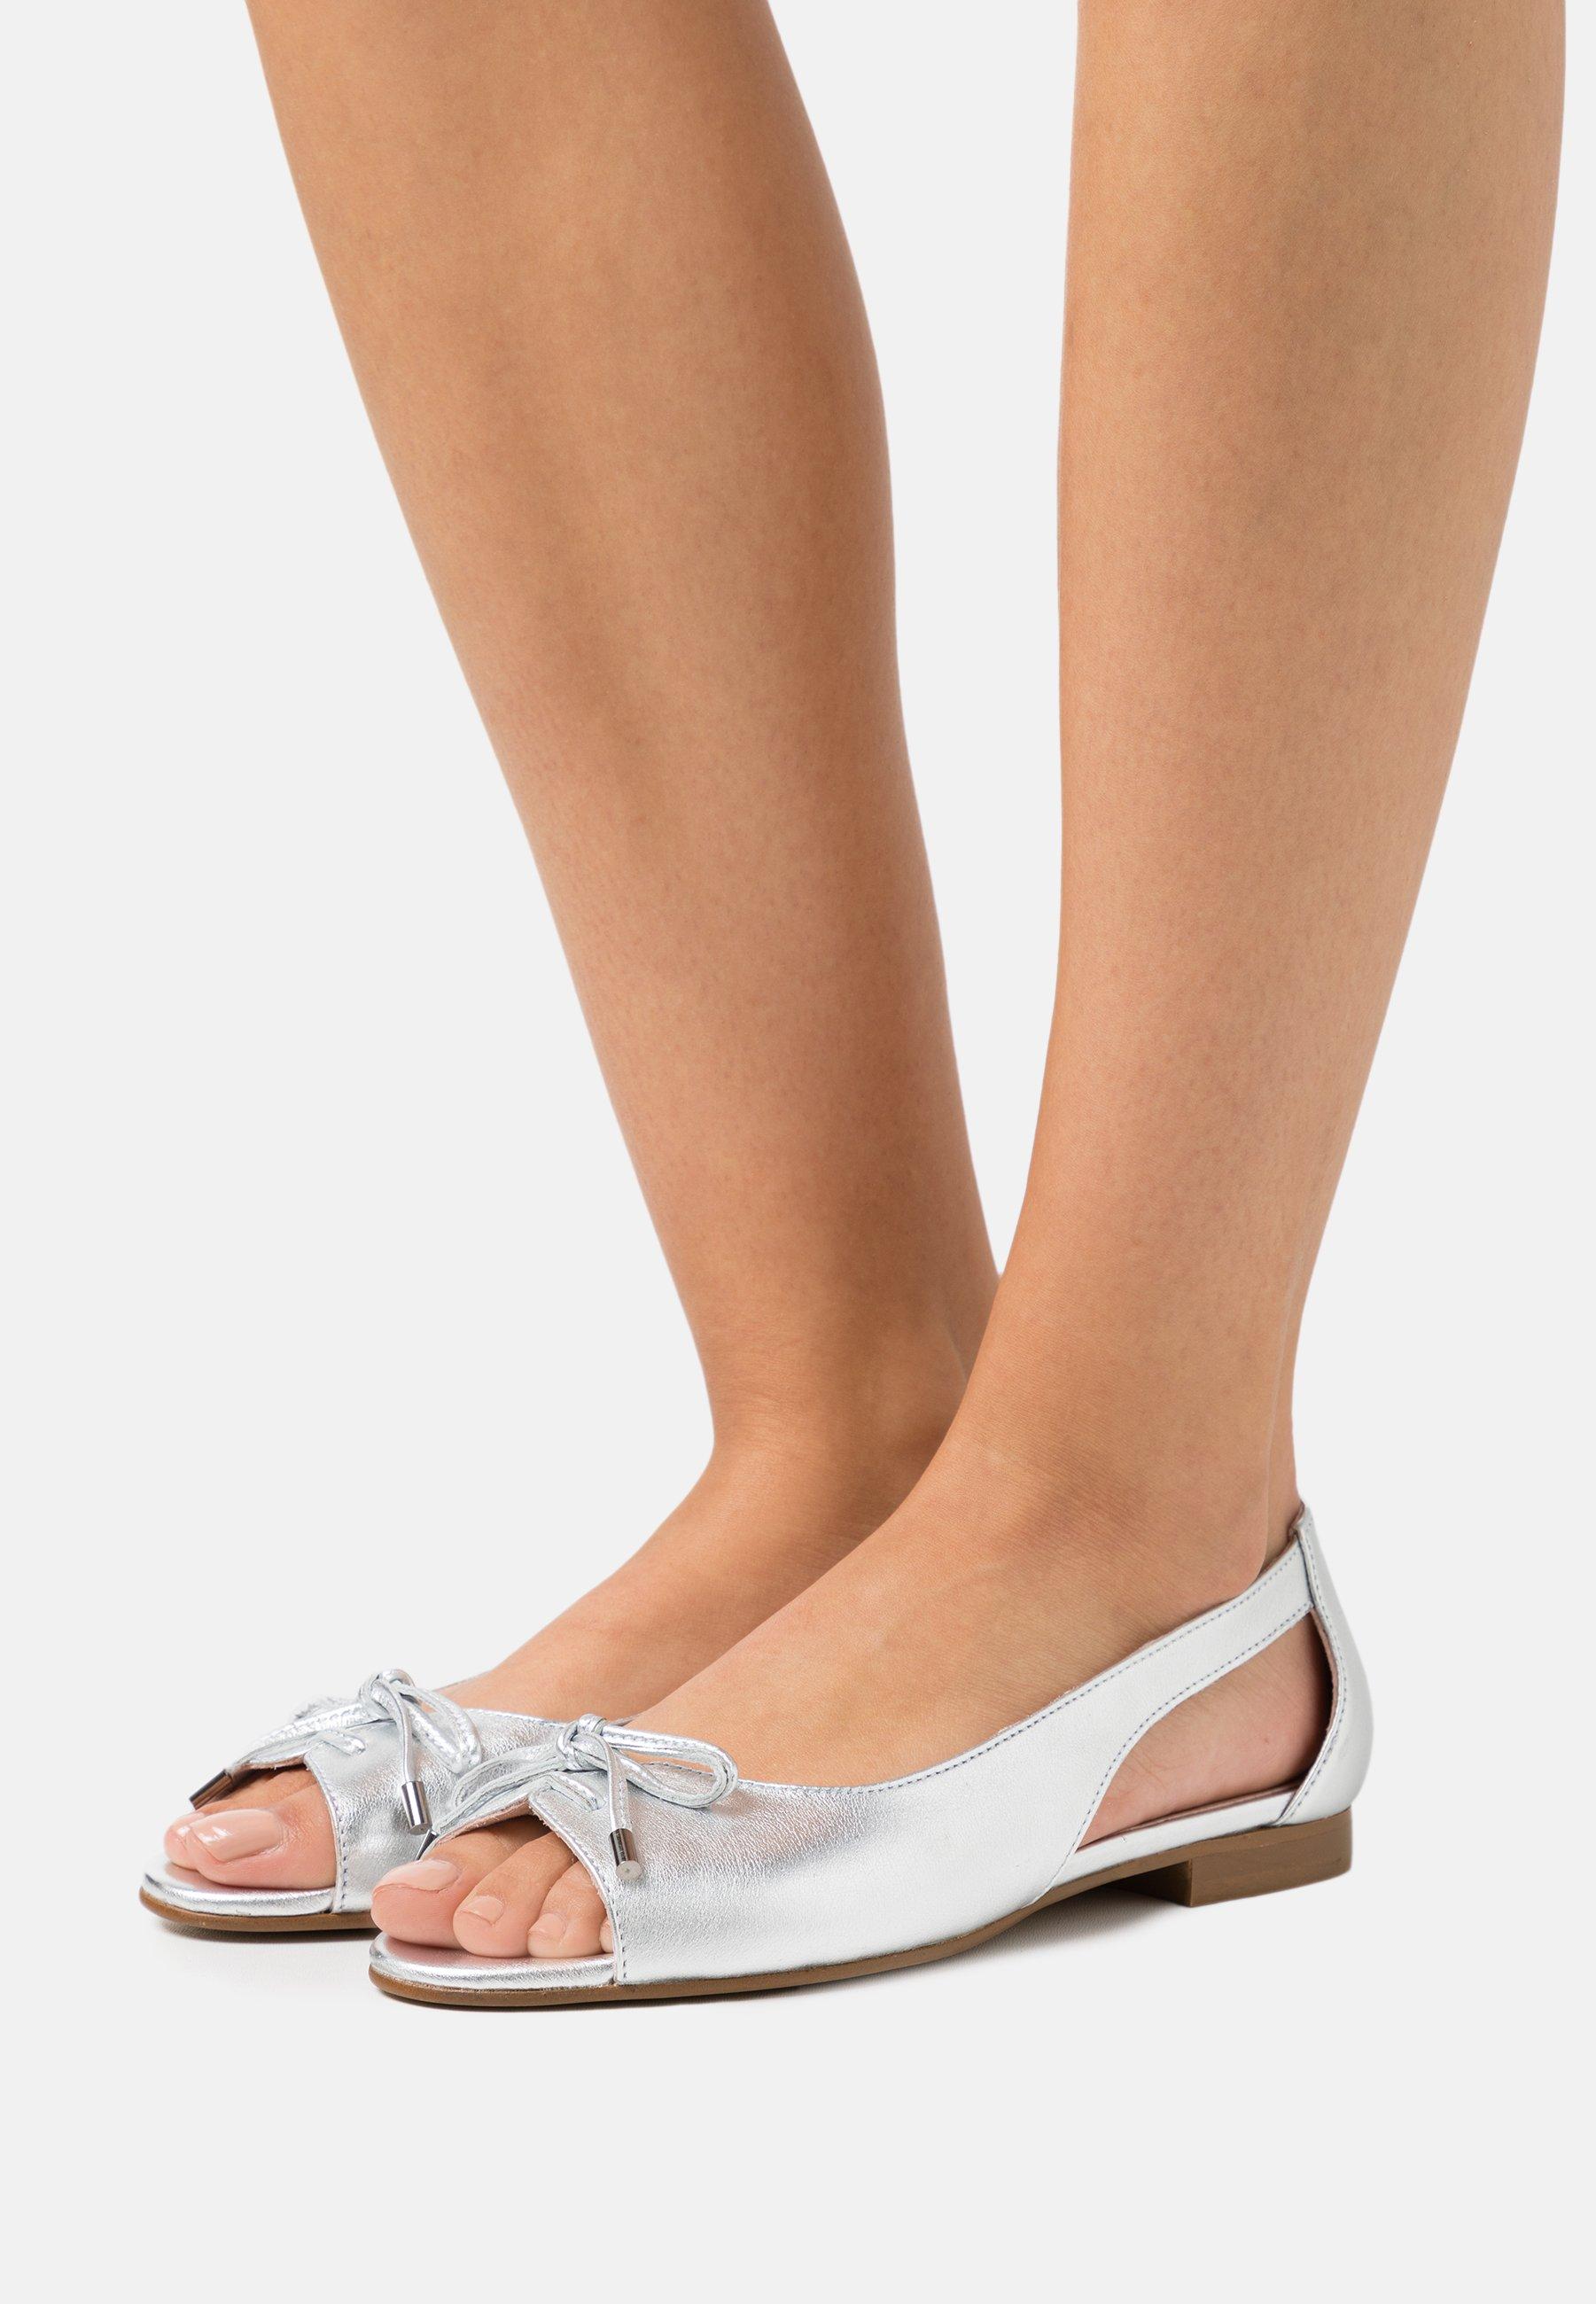 Women LEATHER - Peeptoe ballet pumps - silver